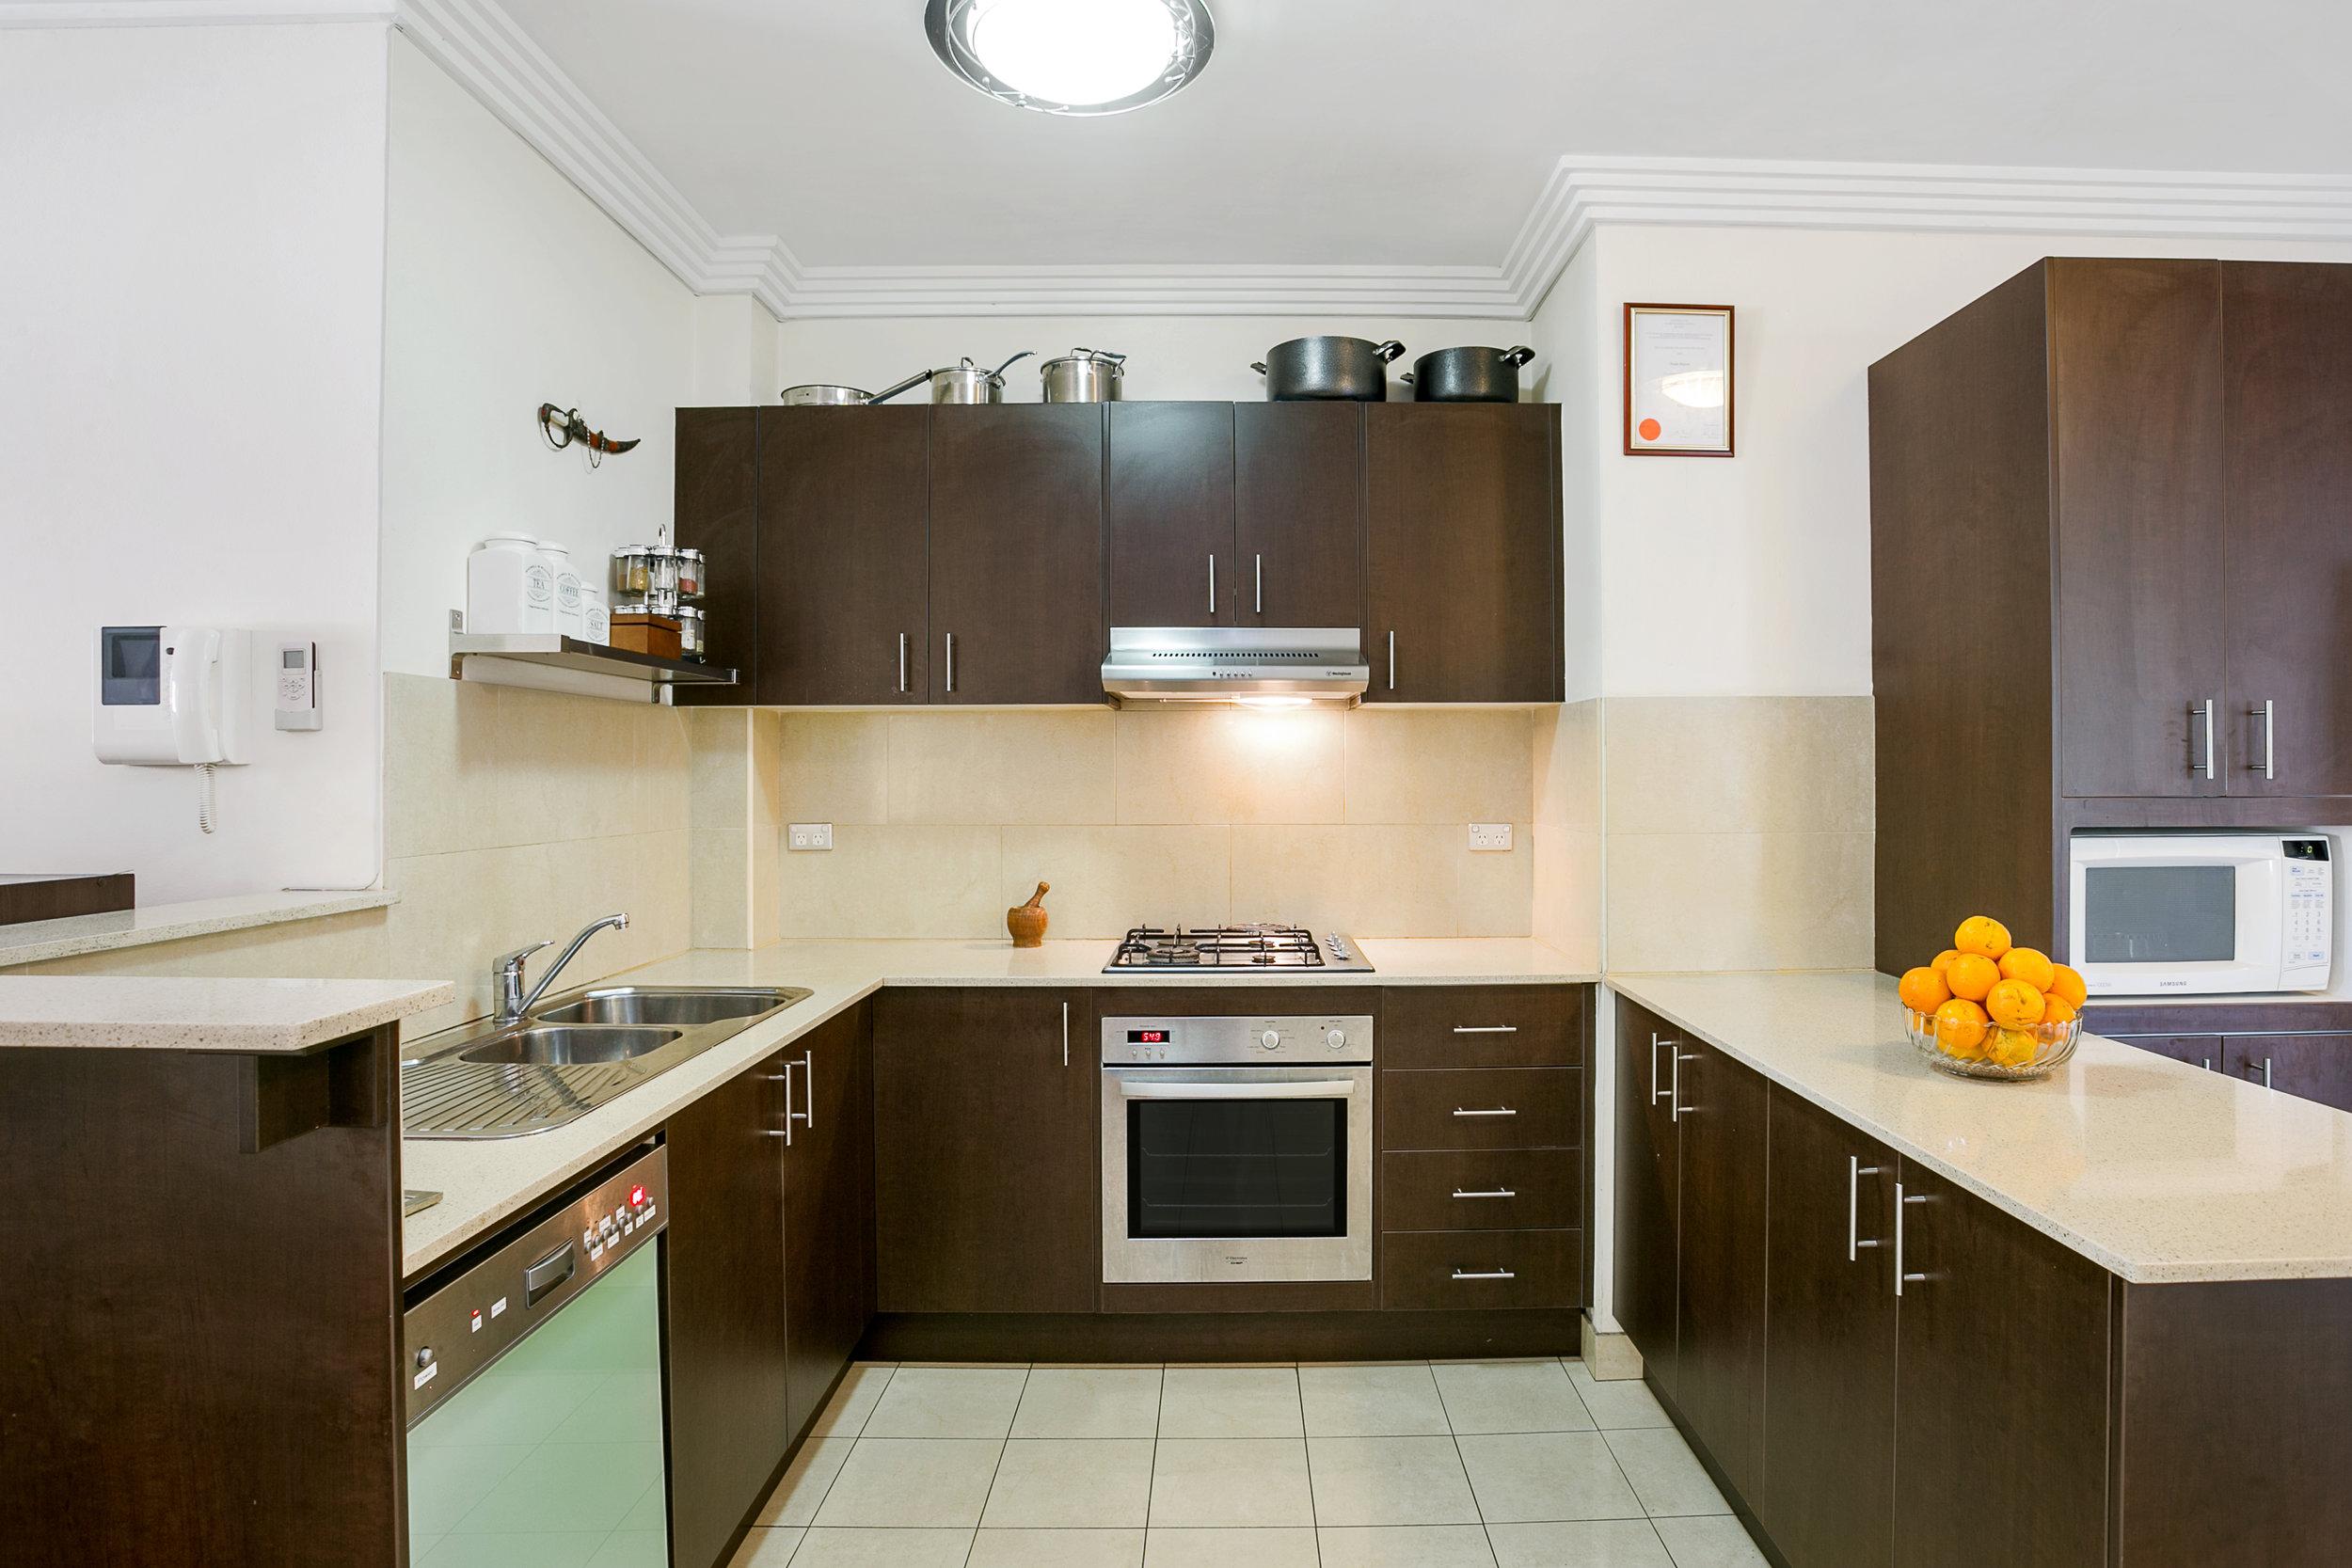 4-10-14 Crane - Kitchen.jpg